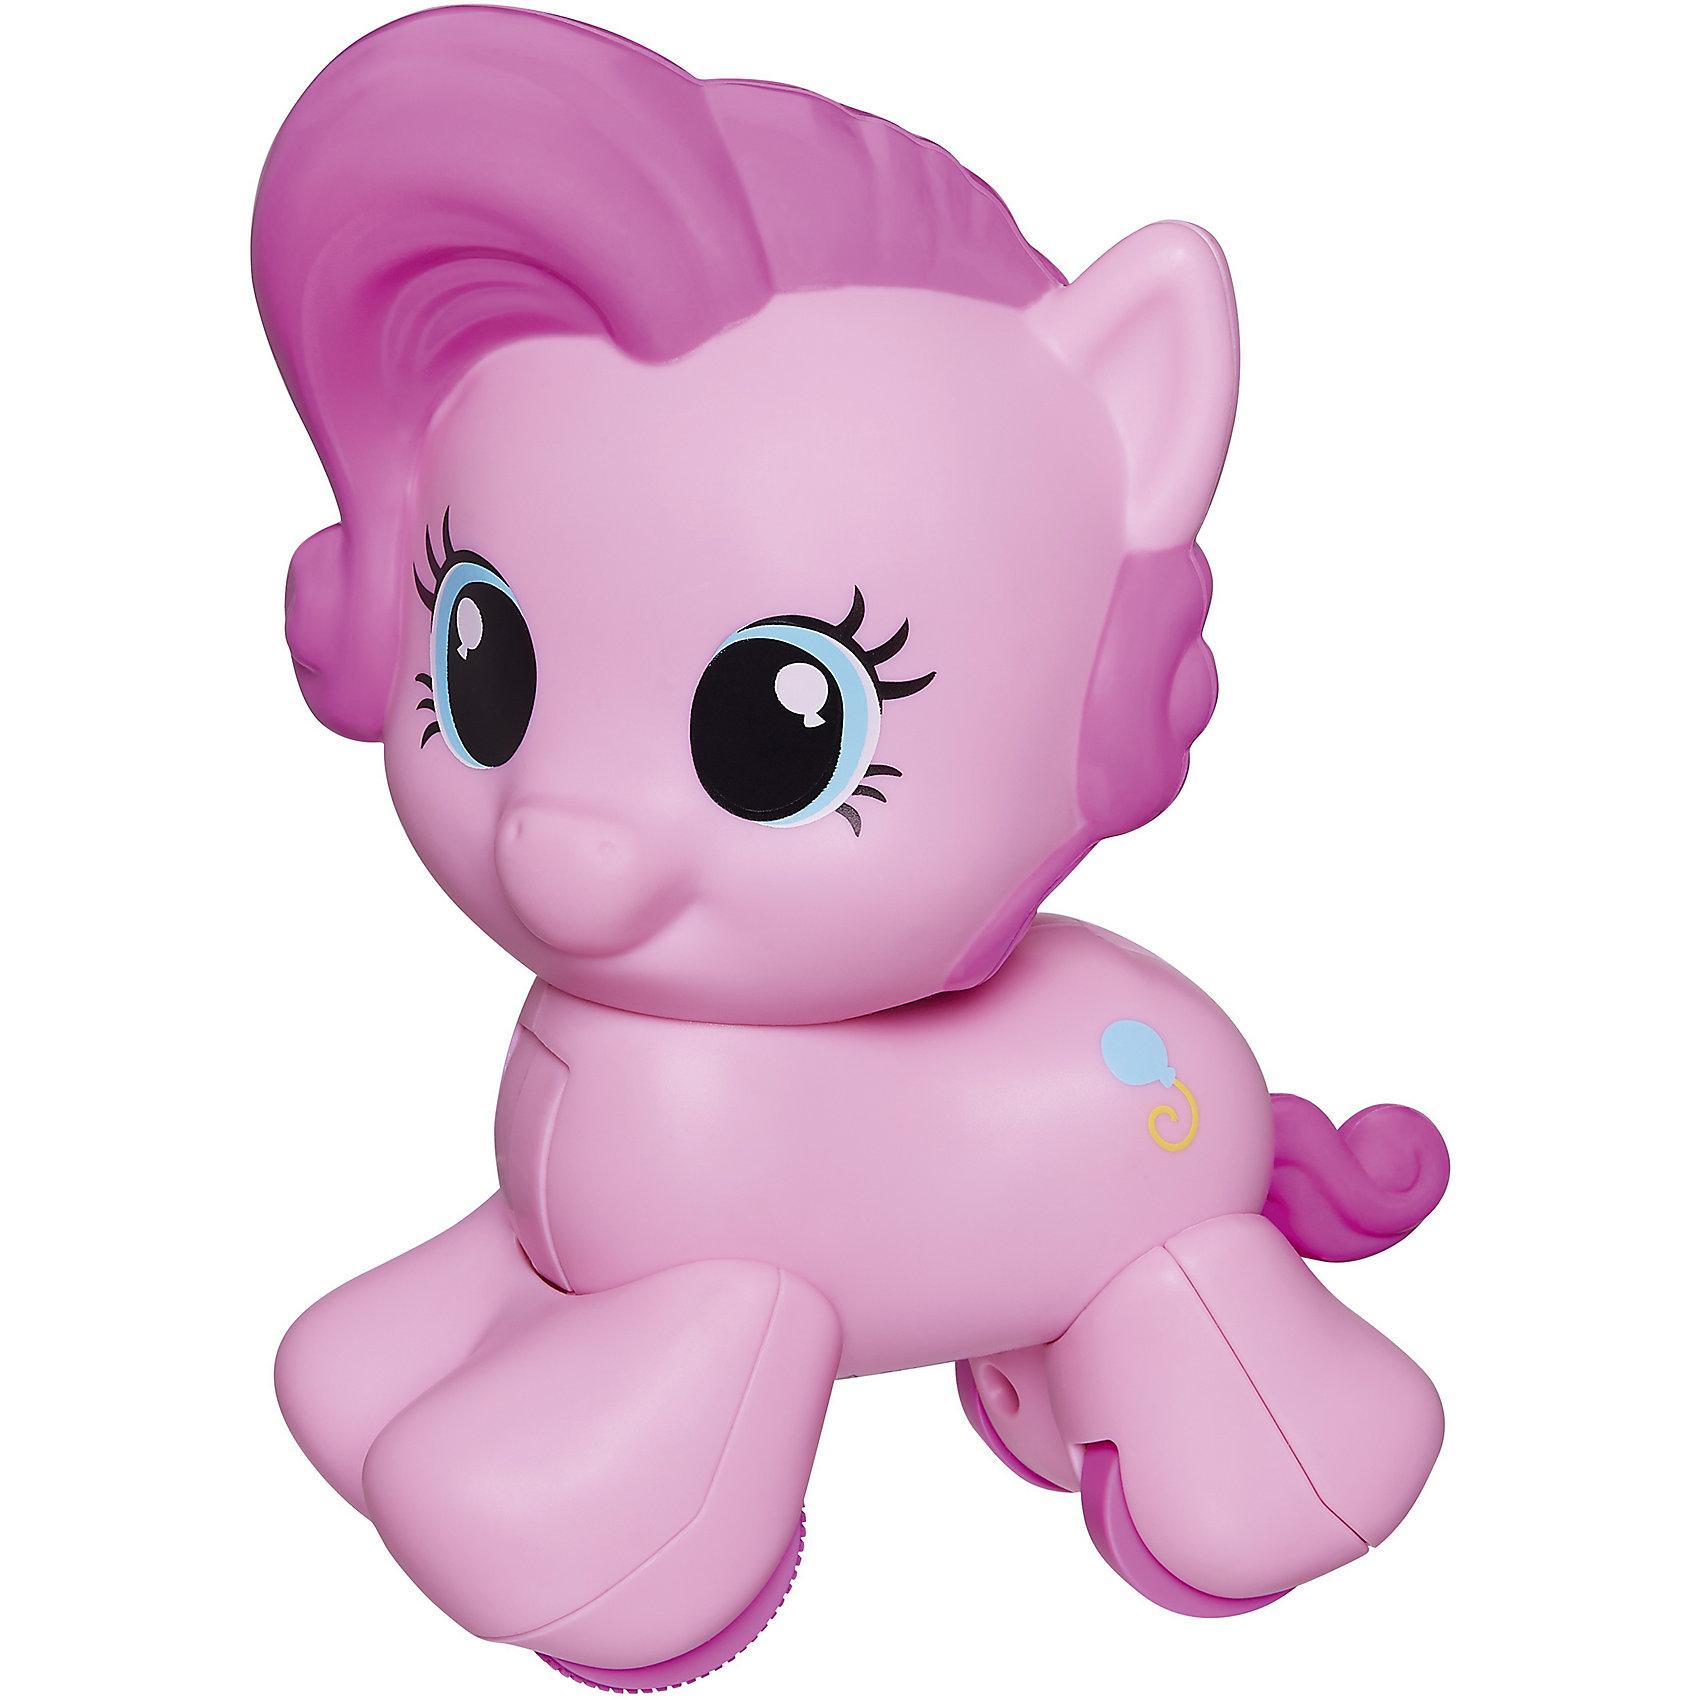 Моя первая Пони, My little Pony, PLAYSKOOLИгрушки<br>Моя первая Пони, My little Pony (Мой маленький Пони), PLAYSKOOL (Плейскул) станет замечательным подарком для детей с самого раннего возраста и принесет море радости и позитивных эмоций! Нажми на спинку Пони, и она поедет вперед, чтобы ребенок мог ползти за ней.<br><br>Дополнительная информация:<br>-Материалы: пластик<br>-Высота: 17 см<br><br>Моя первая Пони, My little Pony (Мой маленький Пони), PLAYSKOOL (Плейскул) можно купить в нашем магазине.<br><br>Ширина мм: 81<br>Глубина мм: 178<br>Высота мм: 203<br>Вес г: 390<br>Возраст от месяцев: 6<br>Возраст до месяцев: 36<br>Пол: Женский<br>Возраст: Детский<br>SKU: 4188587